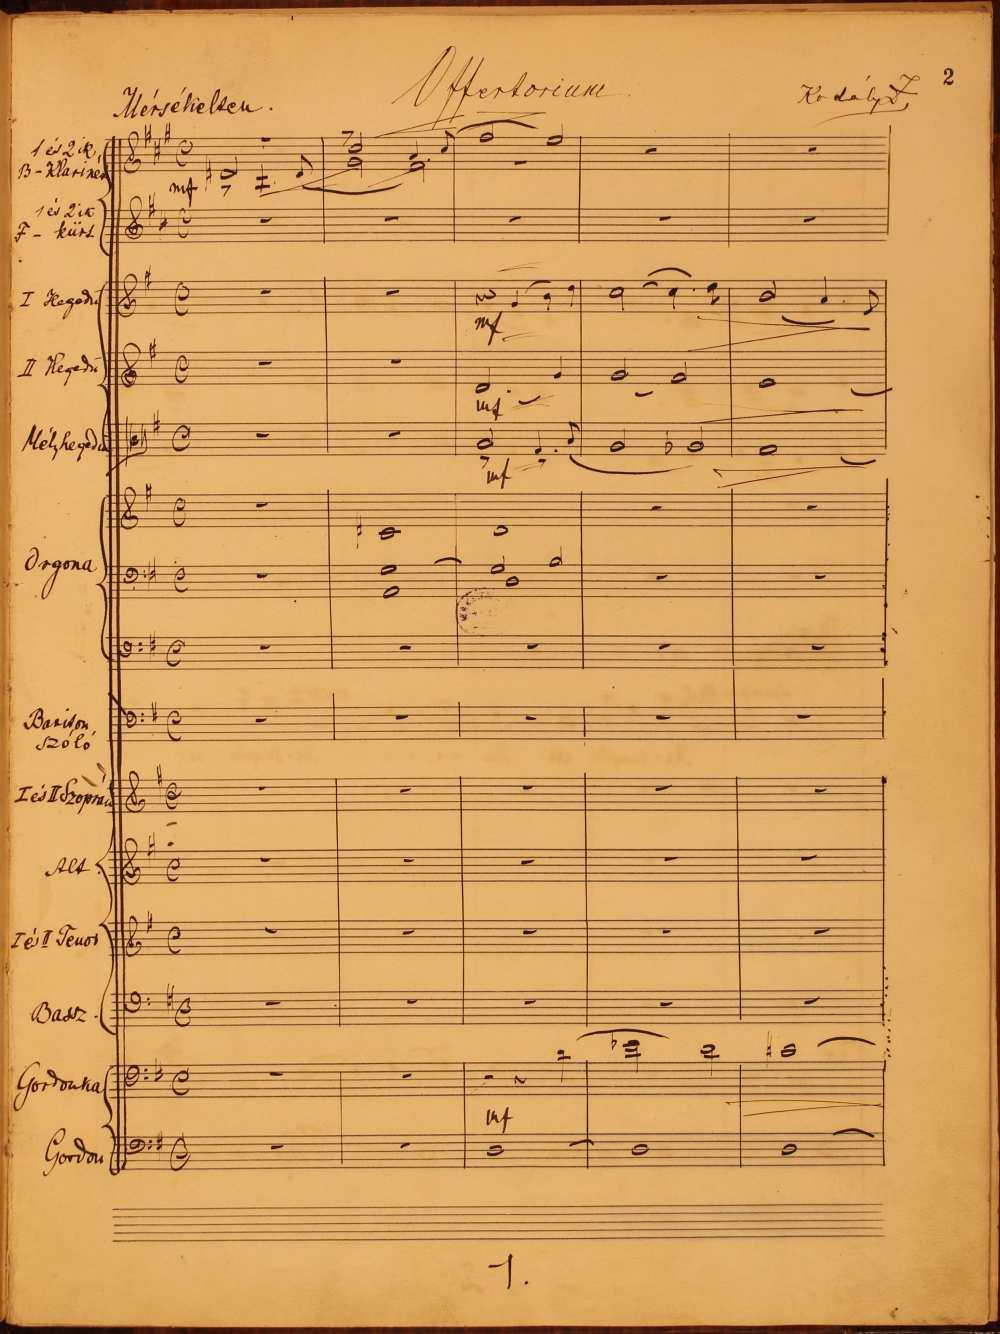 Kodály Zoltán: Offertórim (Assumpta est maria…). Baritonszóló, vegyeskar, és zenekar. Szerzői autográf. A kompozíció befejezési dátuma: 1901. július 24. – Zeneműtár, Ms. mus. 1000